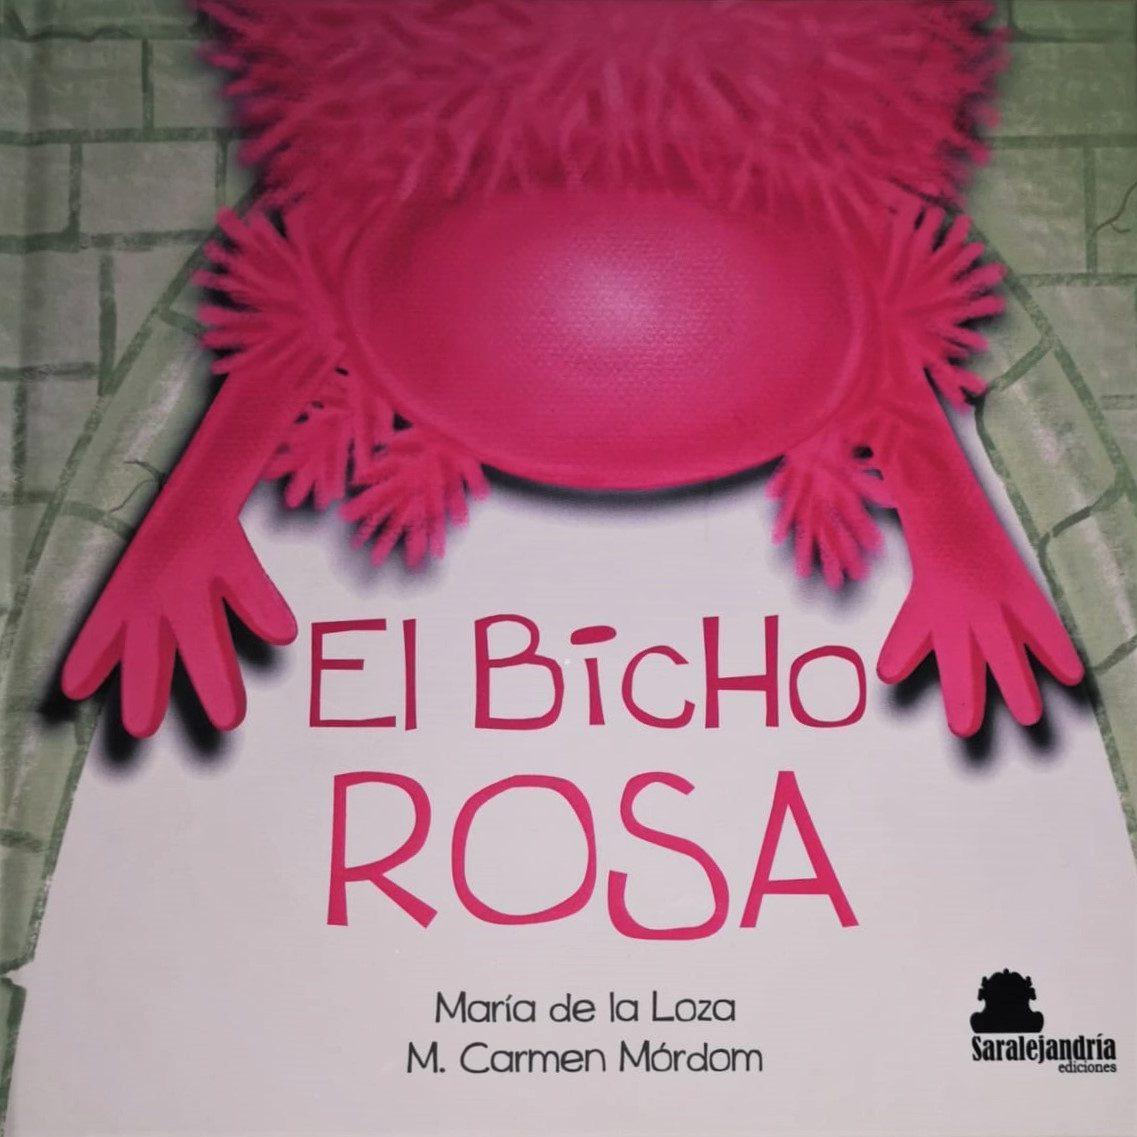 El Bicho Rosa Portada 1137x1137 - Regalos solidarios